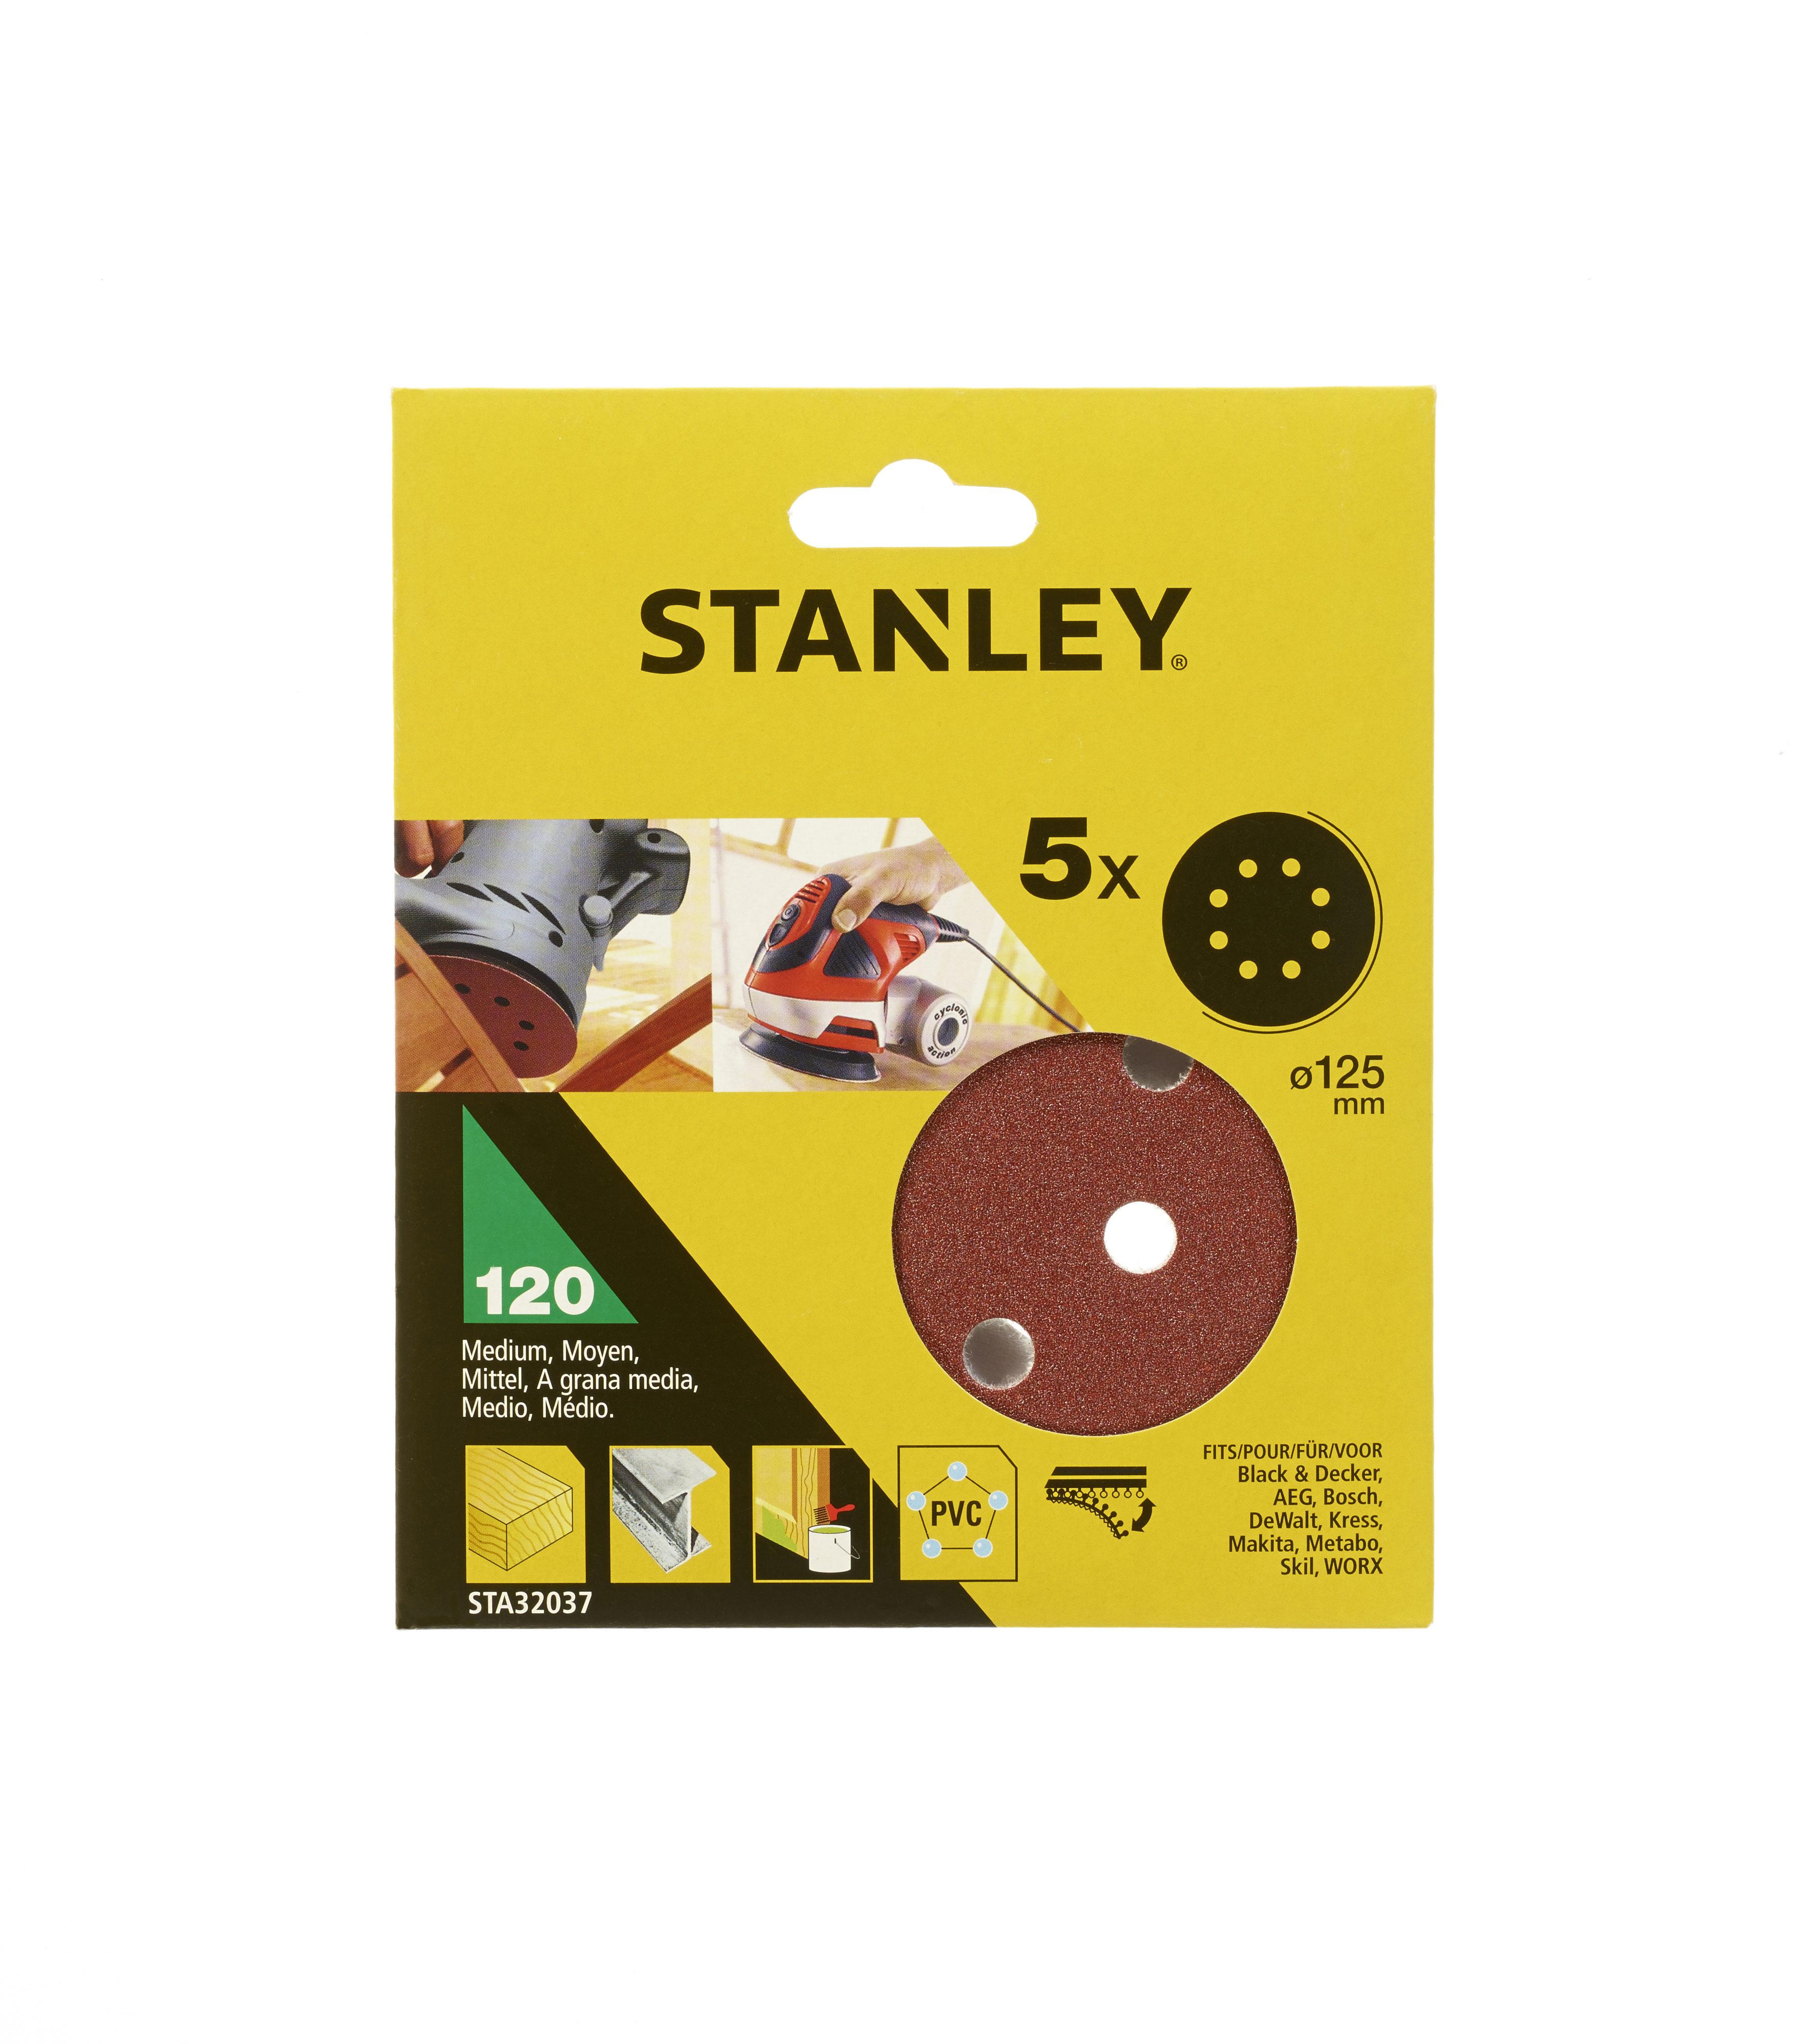 Цеплялка (для ЭШМ) Stanley Sta32037-xj цеплялка для эшм hammer flex 125 мм 8 отв р 120 5шт